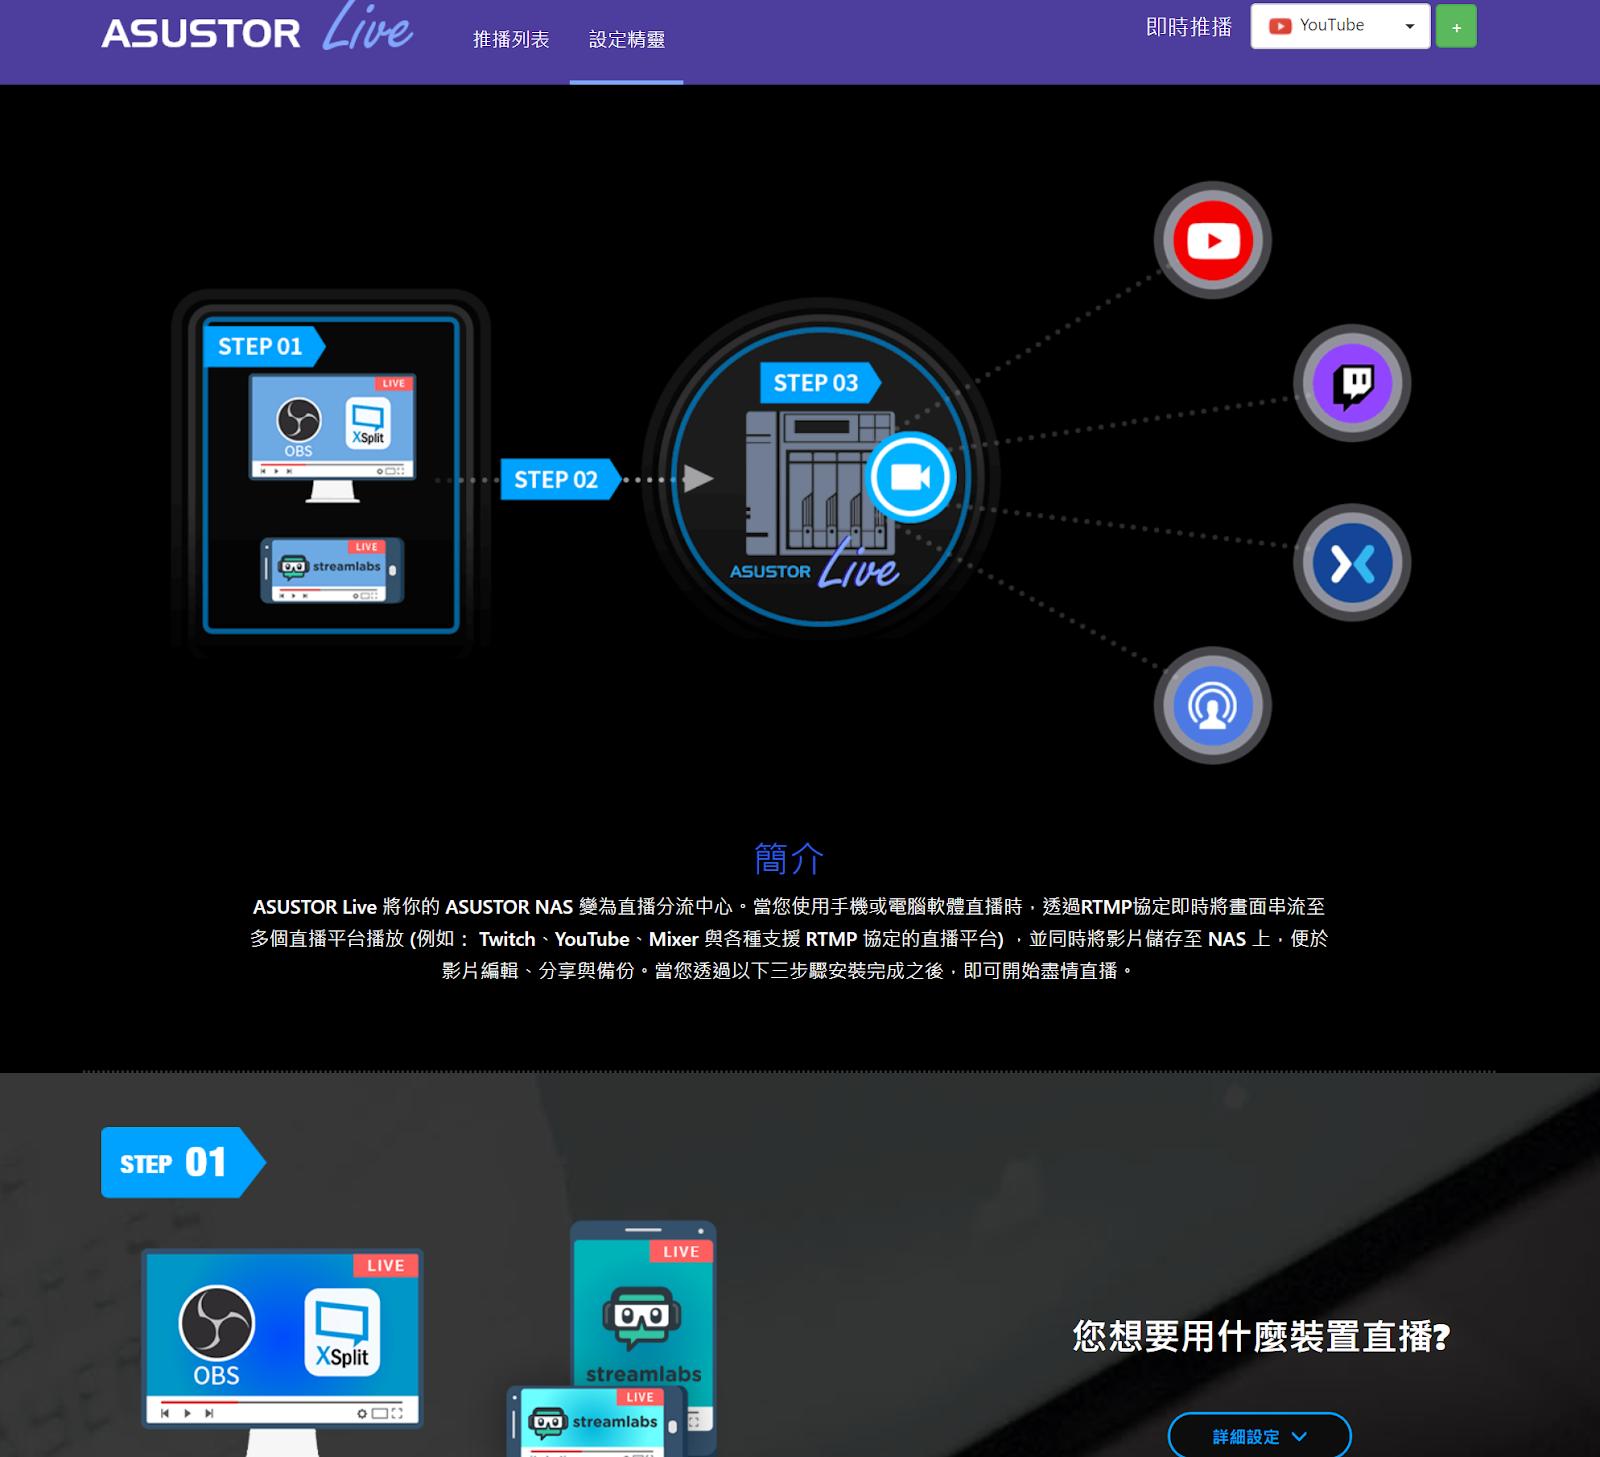 華碩子公司 華芸 ASUSTOR 出的電競 Nas AS5304T 4Bay - 25